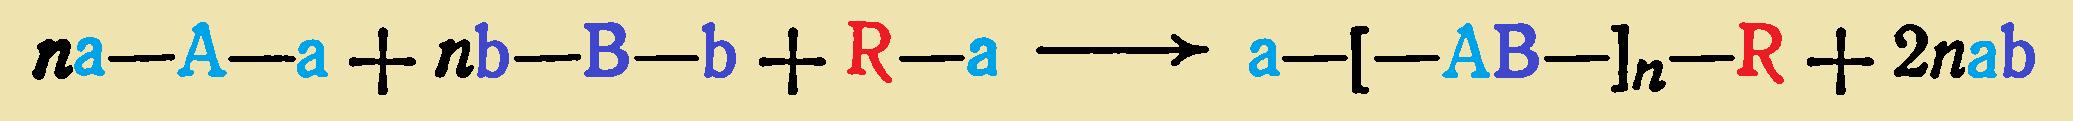 снижение молекулярной массы полимеров введением монофункциональных групп